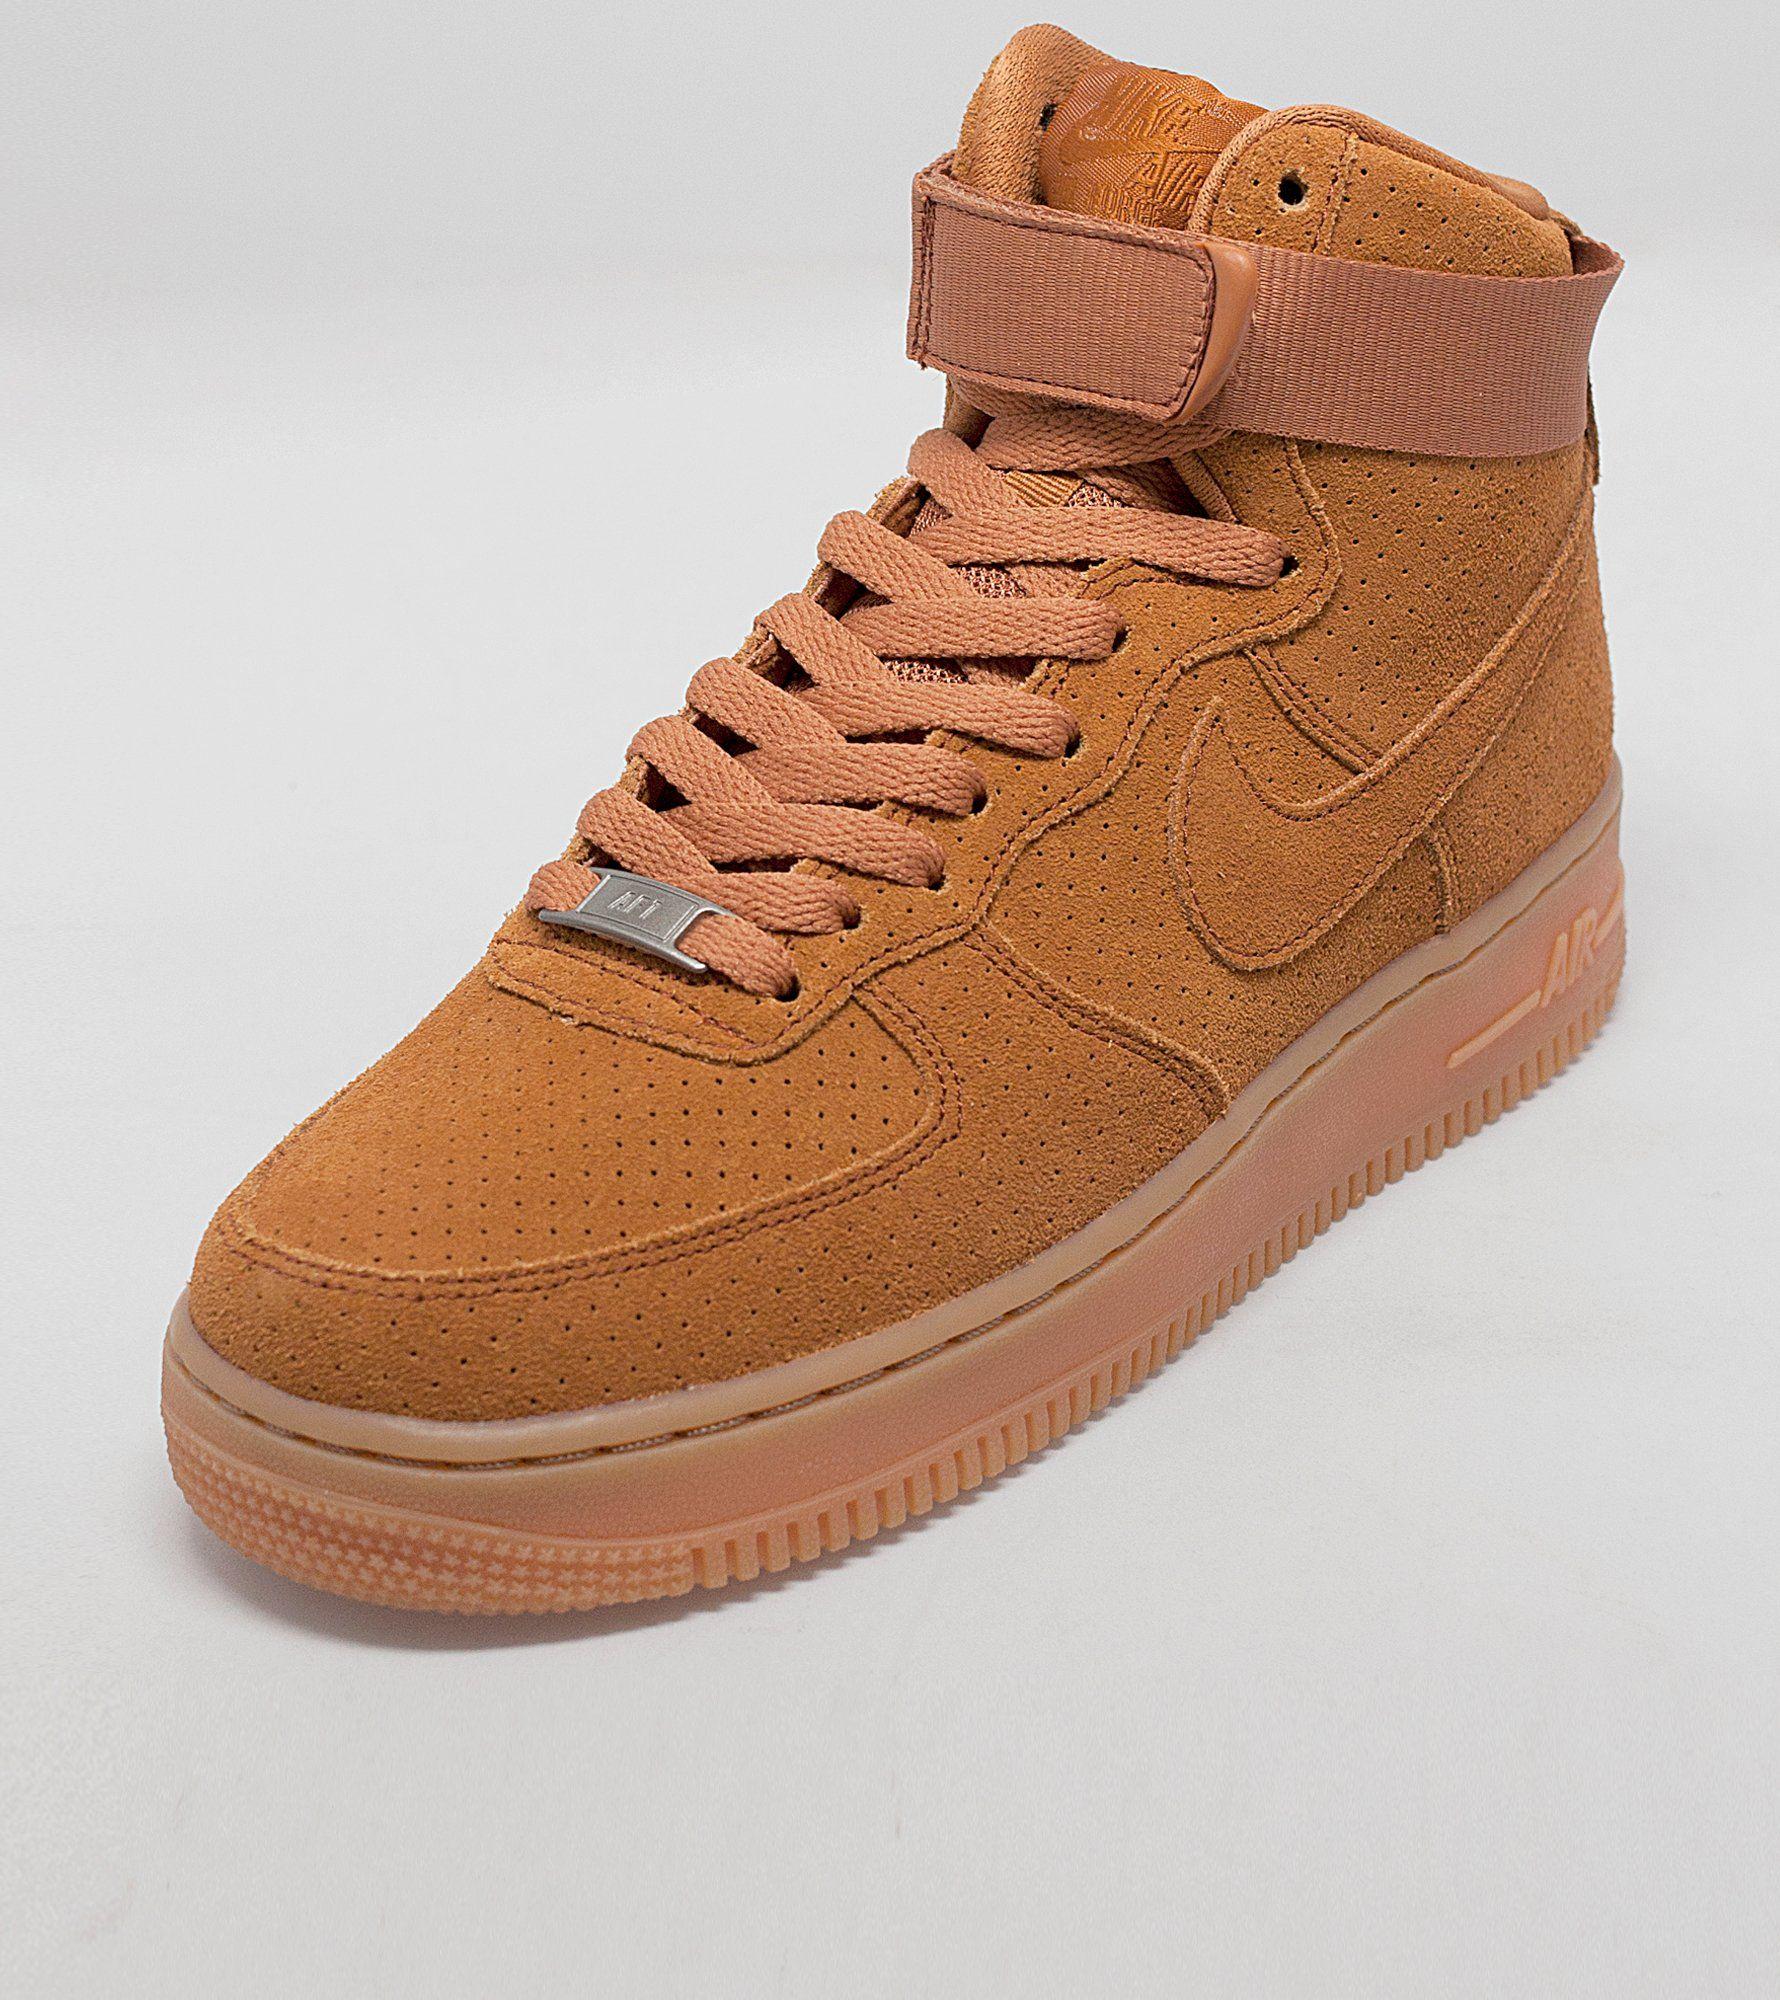 lsflj Nike Air Force 1 Hi Suede Women\'s  